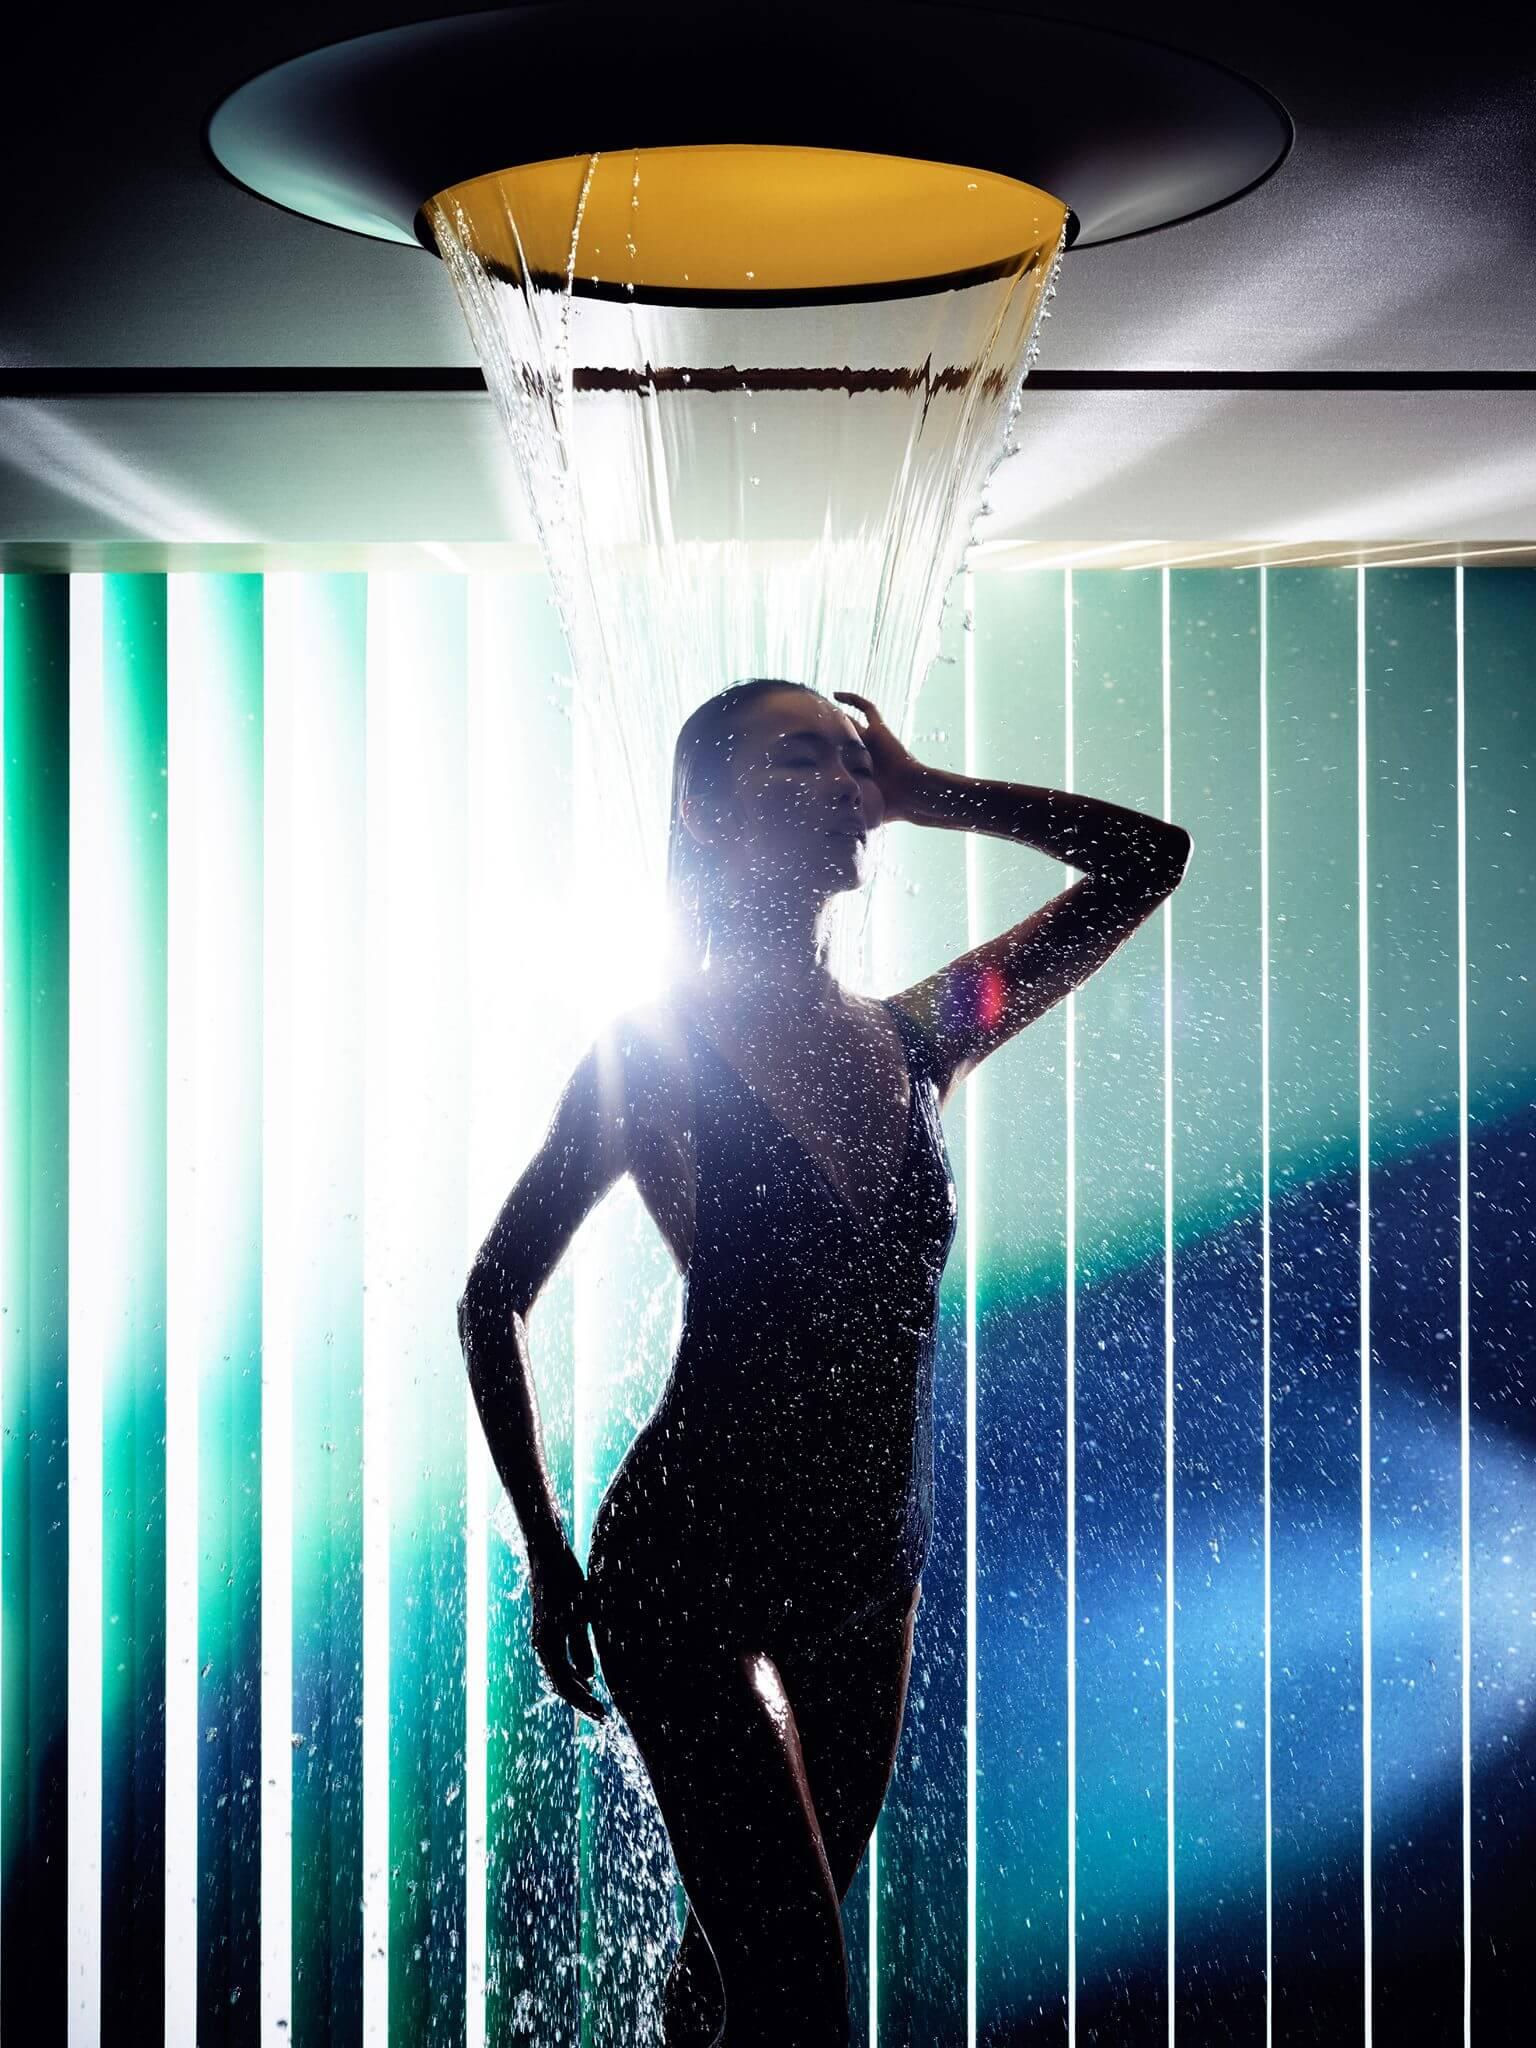 Mit LifeSpa wurde die Idee einer gesundheitsorientierten Badgestaltung von einem Badgestalter auf eine neue Stufe gehoben. Das Konzept steht für eine ganzheitliche Badplanung und -ausstattung im Sinne einer gesunden und präventiven Lebensweise – im privaten Bad oder Home Spa wie auch im exklusiven Hotel- und Wellness-Umfeld. Im Mittelpunkt steht die Integration gesundheitsfördernder Wasseranwendungen im Rahmen einer modularen Architektur, die sich flexibel an individuelle Bedürfnisse anpasst. Der Megatrend Gesundheit ist eine der prägendsten Entwicklungen der Gegenwart und wird zukünftig weiter an Relevanz gewinnen. Das allgemeine Streben nach Gesundheit wandelt sich dabei zunehmend zu einer umfassenden Suche nach Kraft und Lebensenergie – eine Suche, die alle Lebensbereiche durchdringt und längst über gesunde Ernährung und sportliche Aktivität hinausweist, wie die steigende Nachfrage nach Selbstoptimierungs-Apps und -Accessoires zeigt, stellt Hersteller Dornbracht fest.